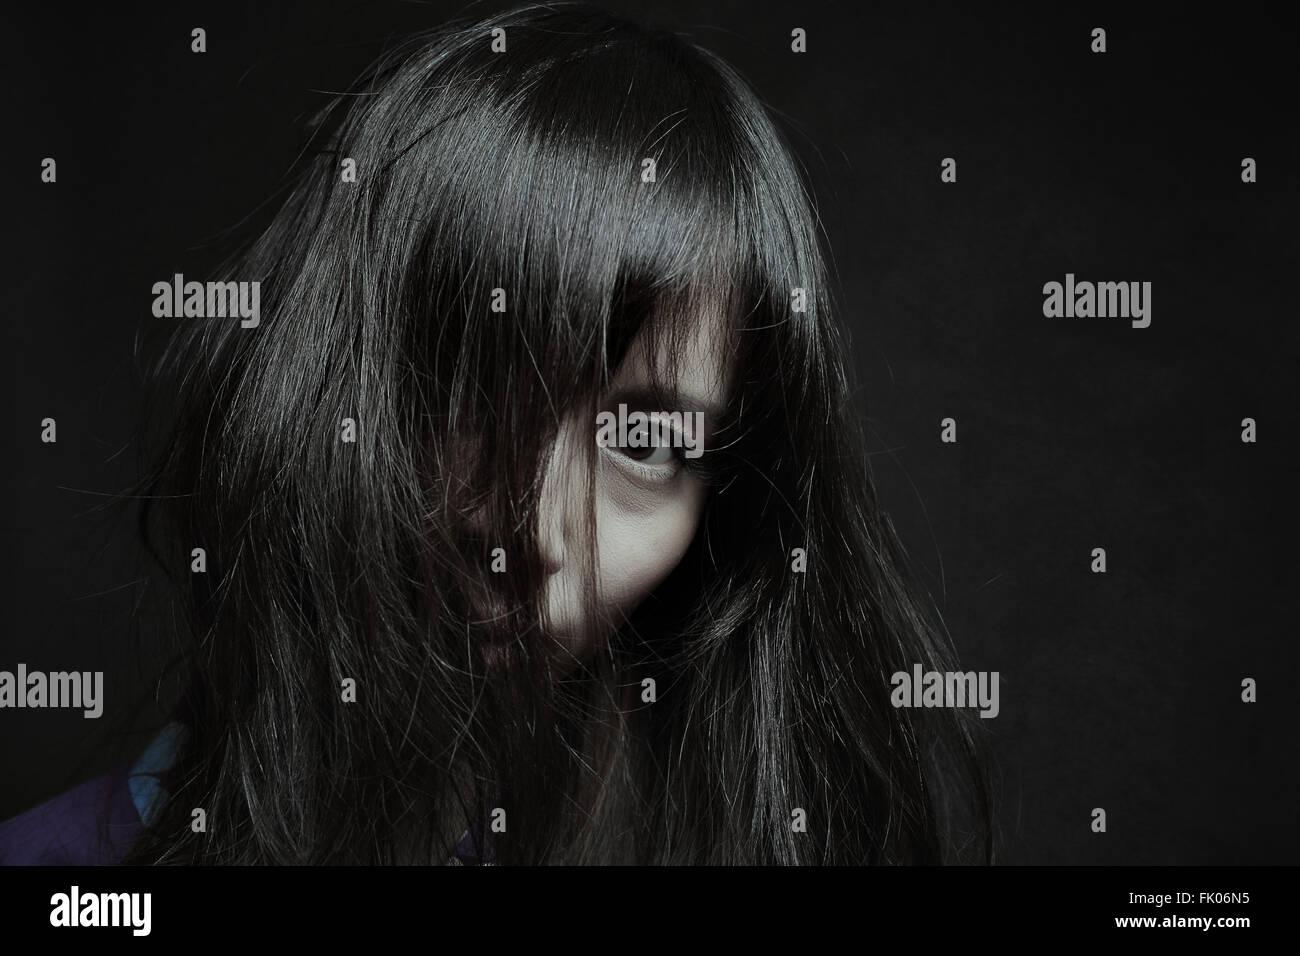 Portrait sombre d'une femme japonaise pâle. Horreur et Halloween Banque D'Images